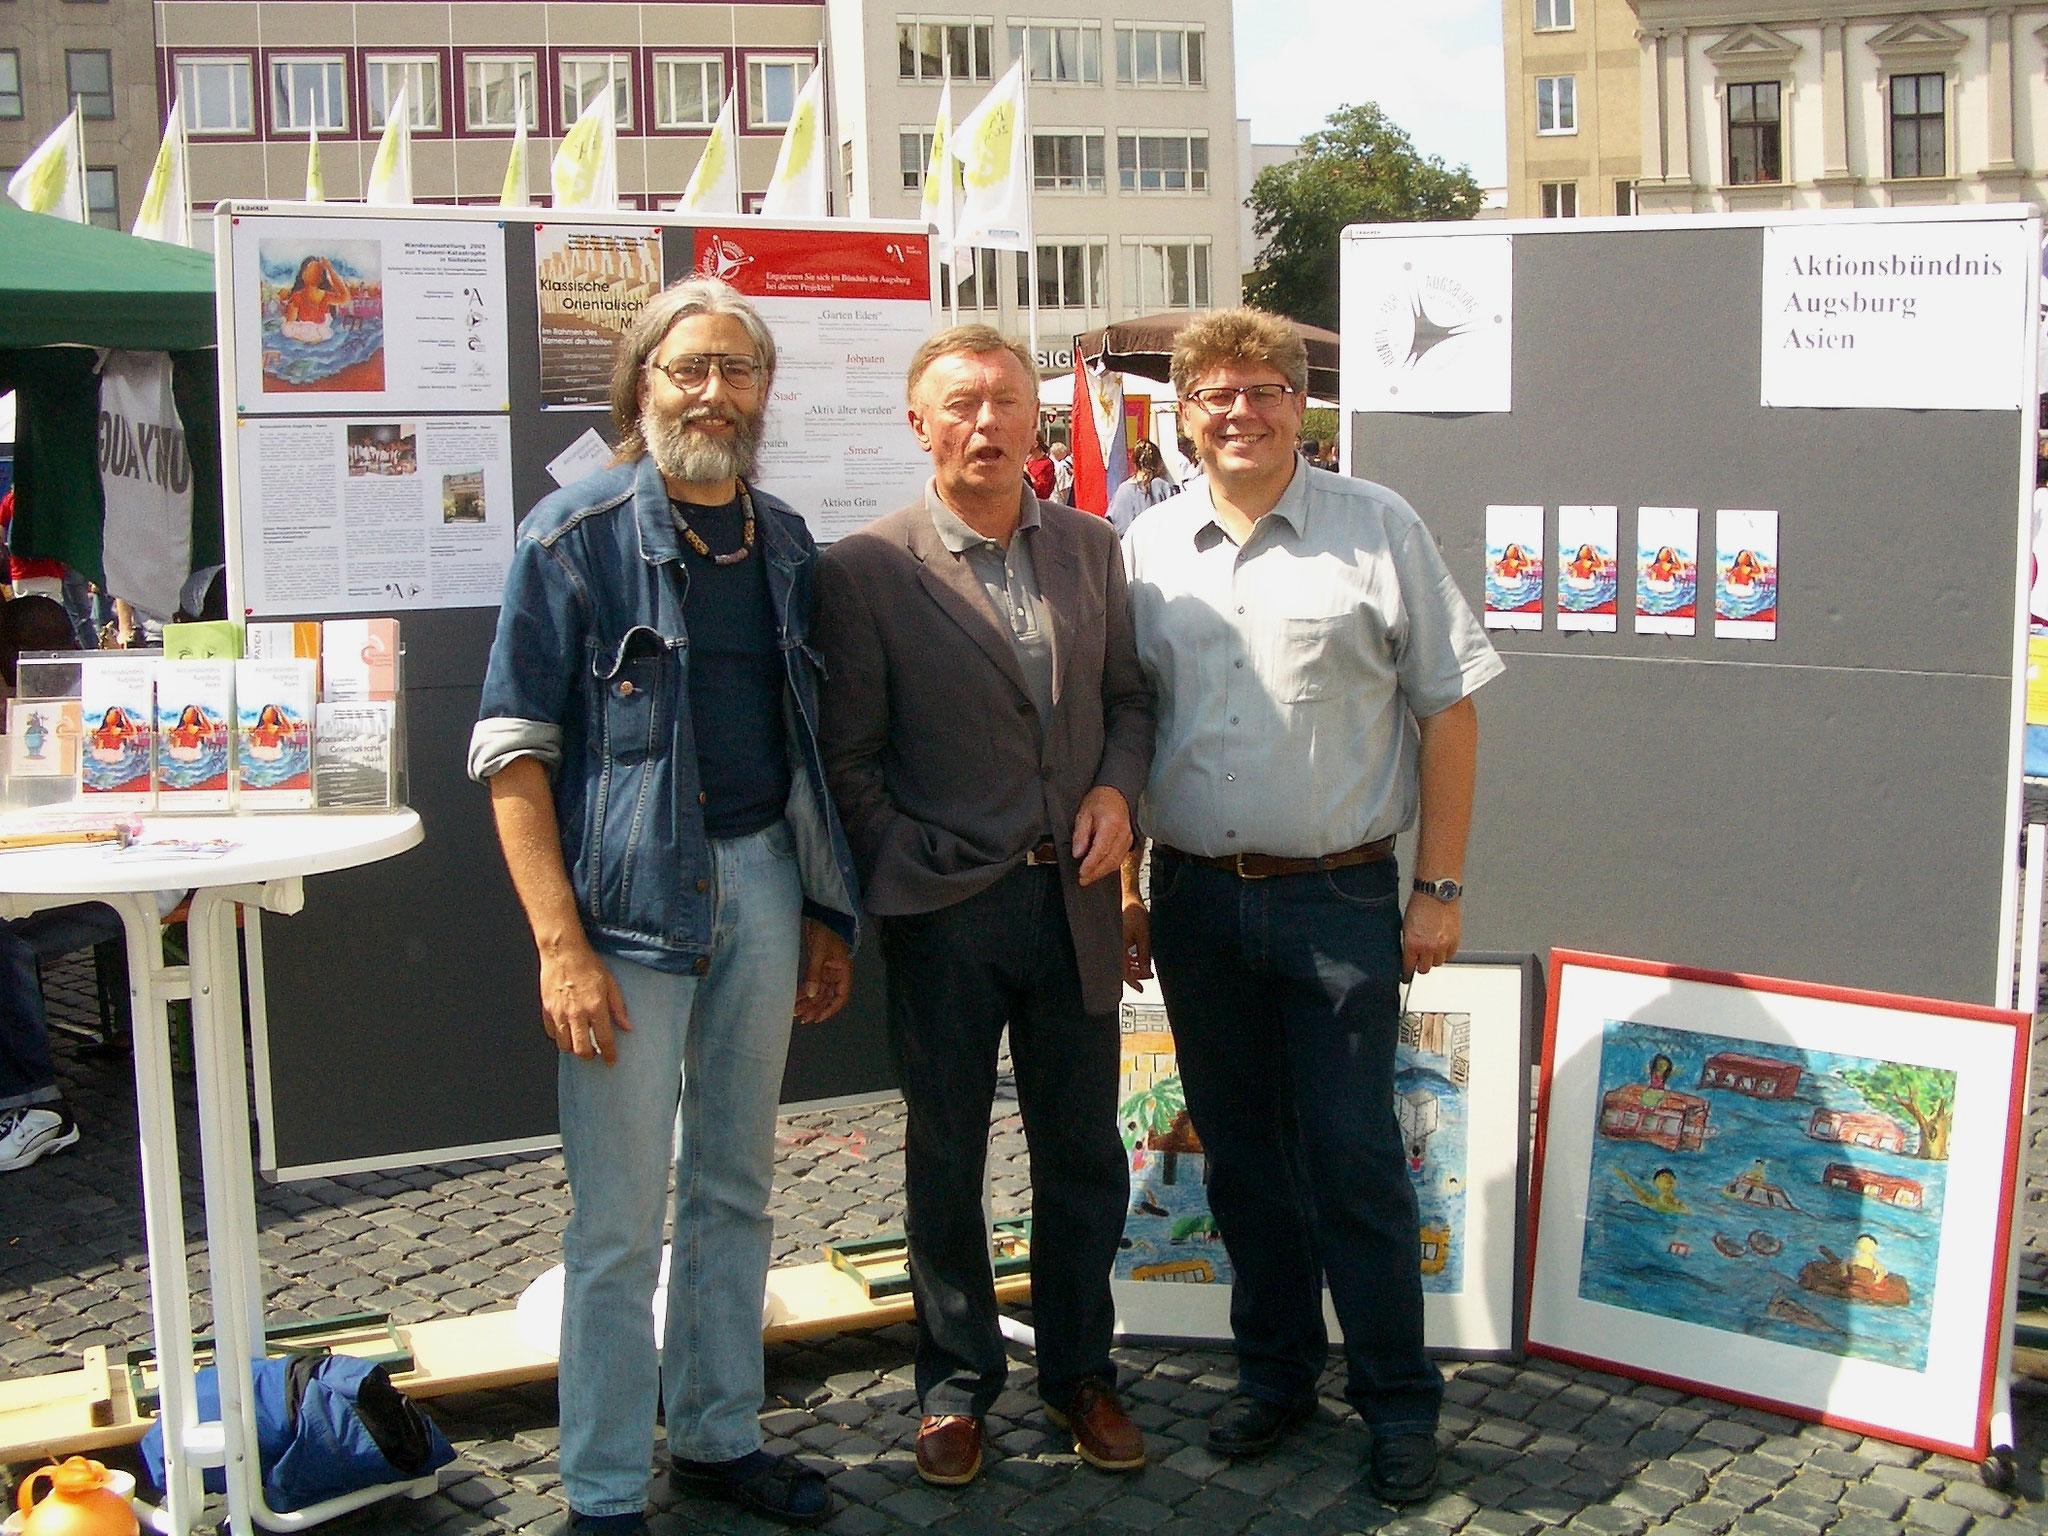 Freiwilligen-Zentrum Augsburg - Tsunami-Wanderausstellung 2005 Vorstellung Rathausplatz - Foto: Wolfgang F. Lightmaster